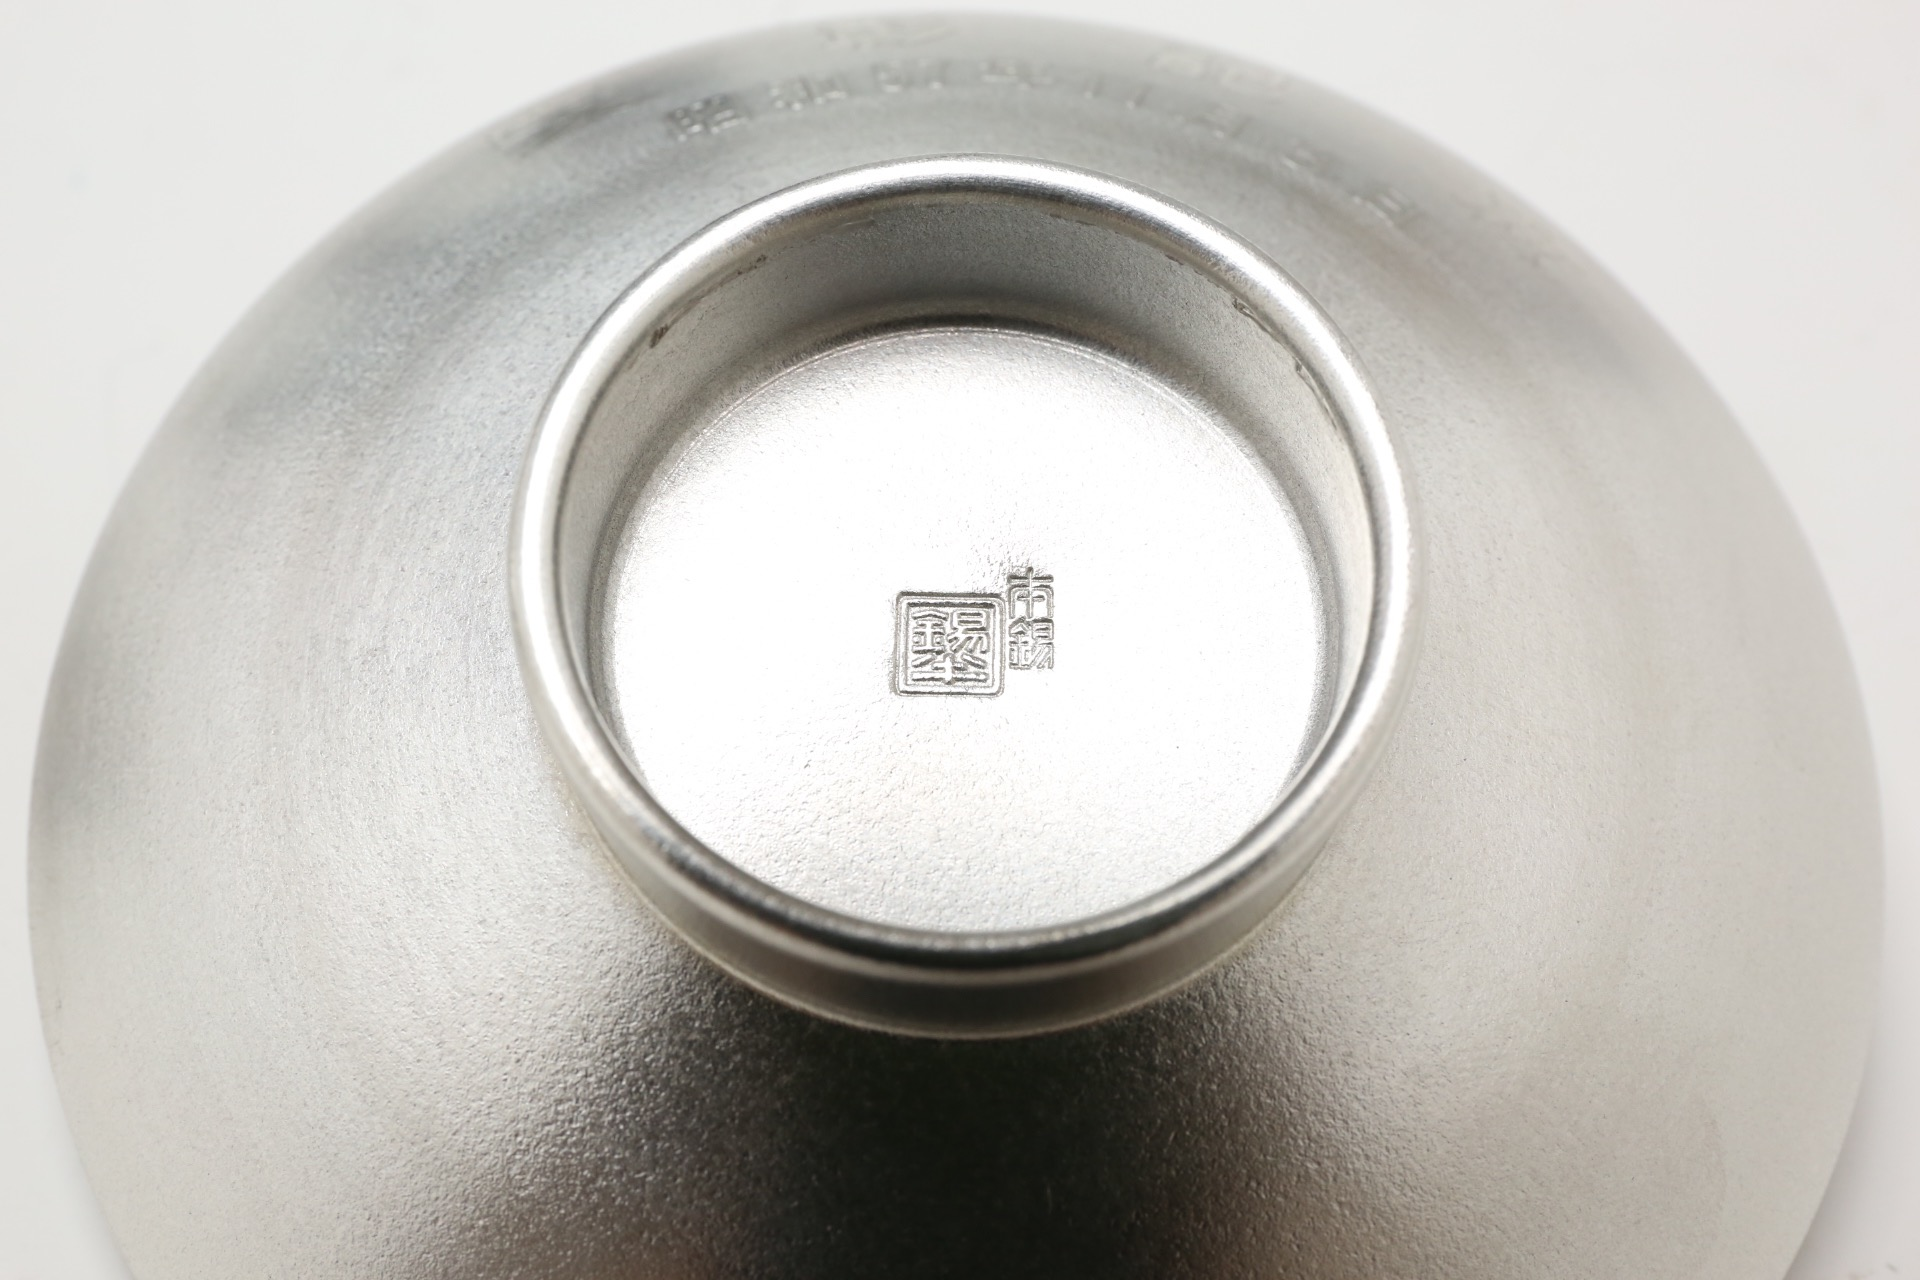 三ッ重揃え錫器 | サークルワン商品情報